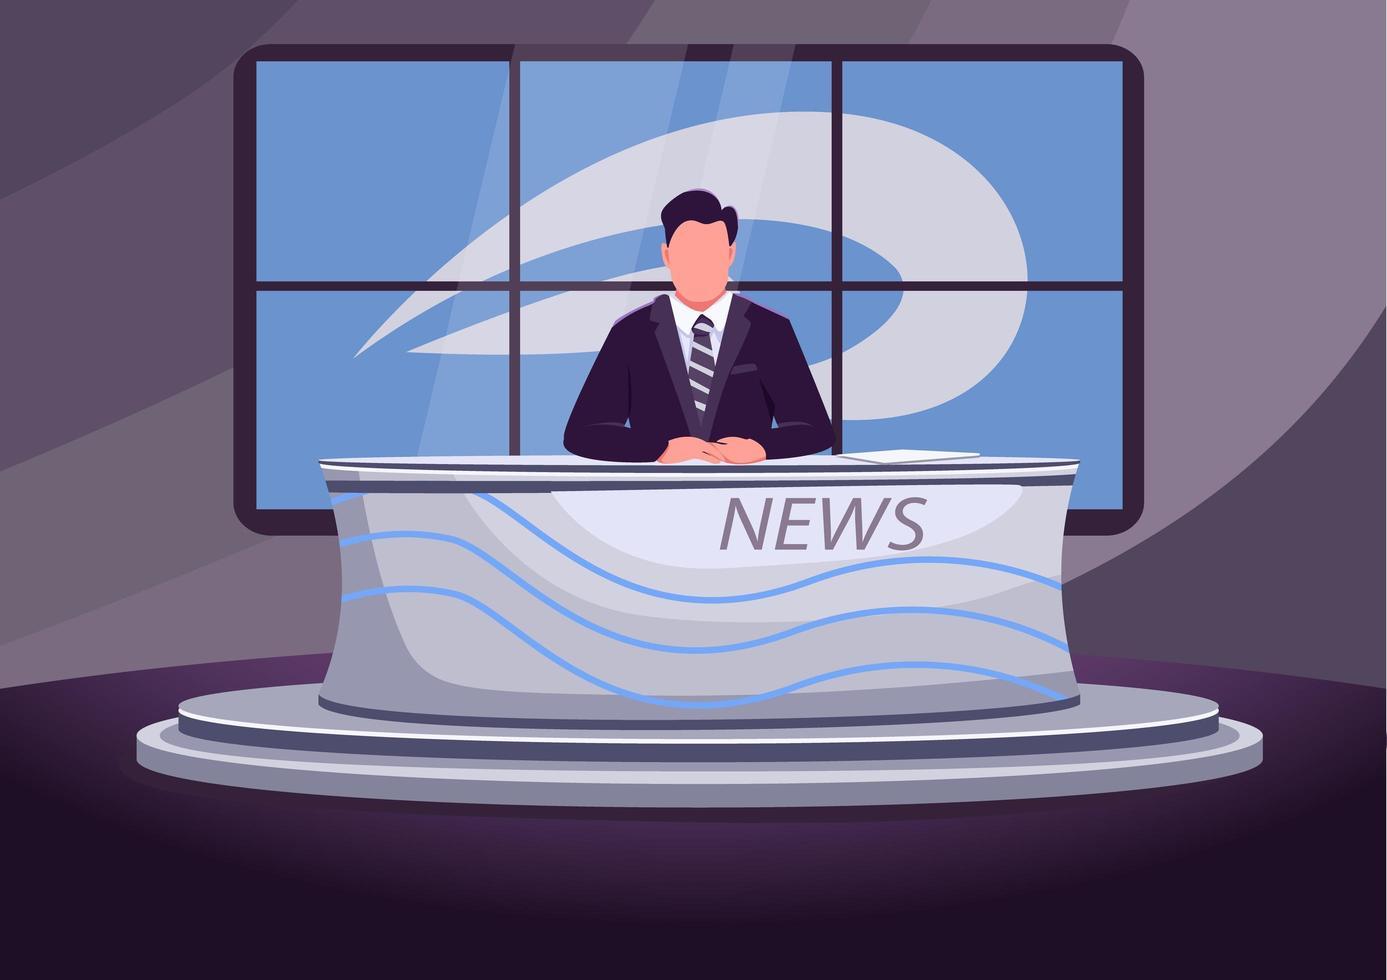 Nachrichtensendung Bühne vektor